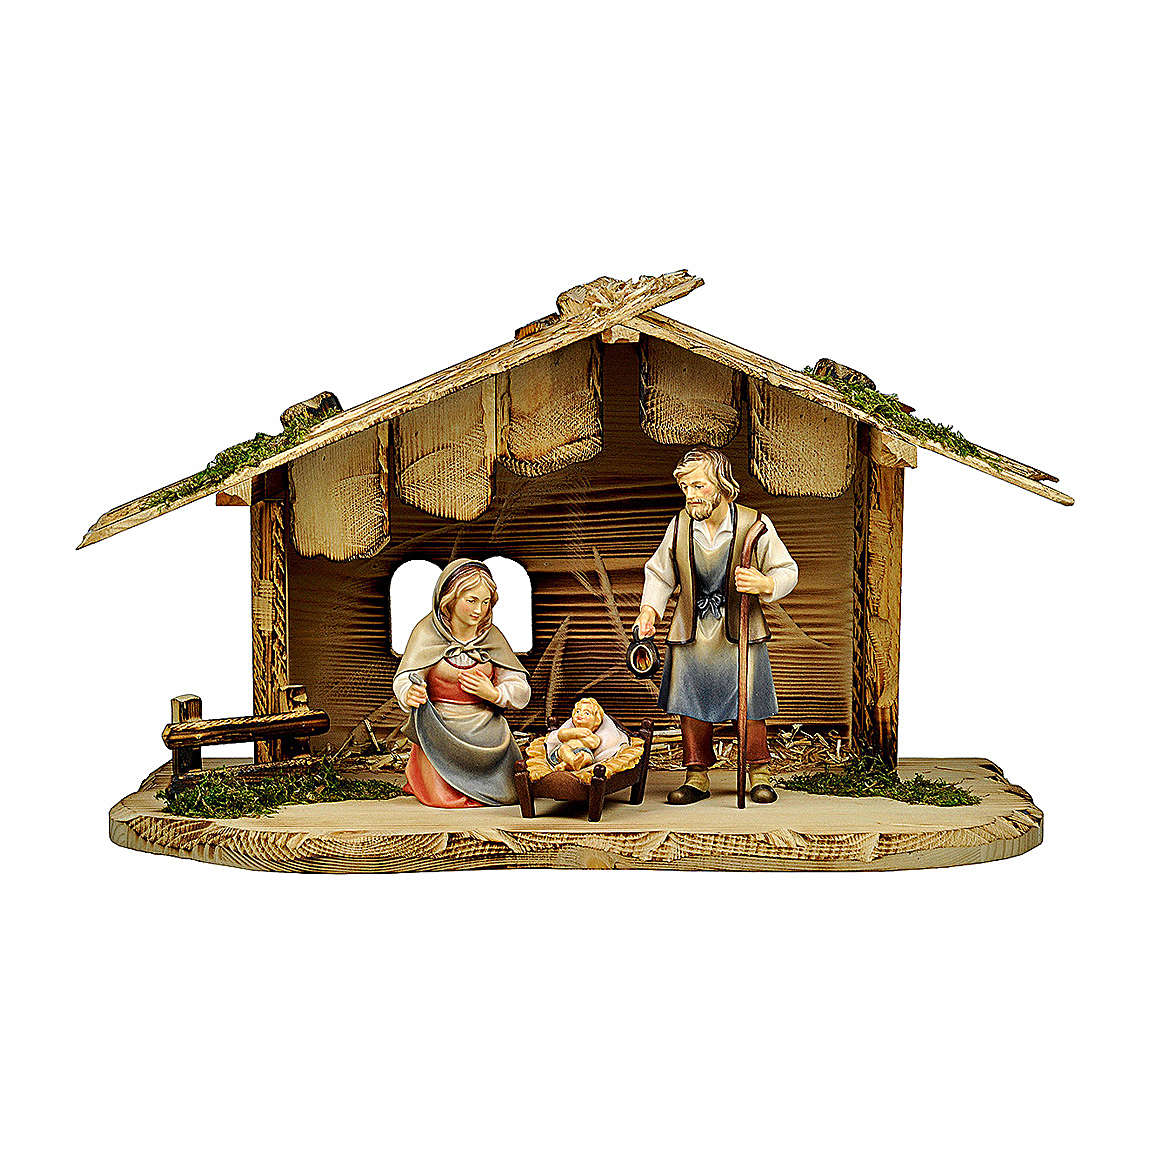 Natività nella casetta presepe Original Pastore legno dipinto in Val Gardena 12 cm 4